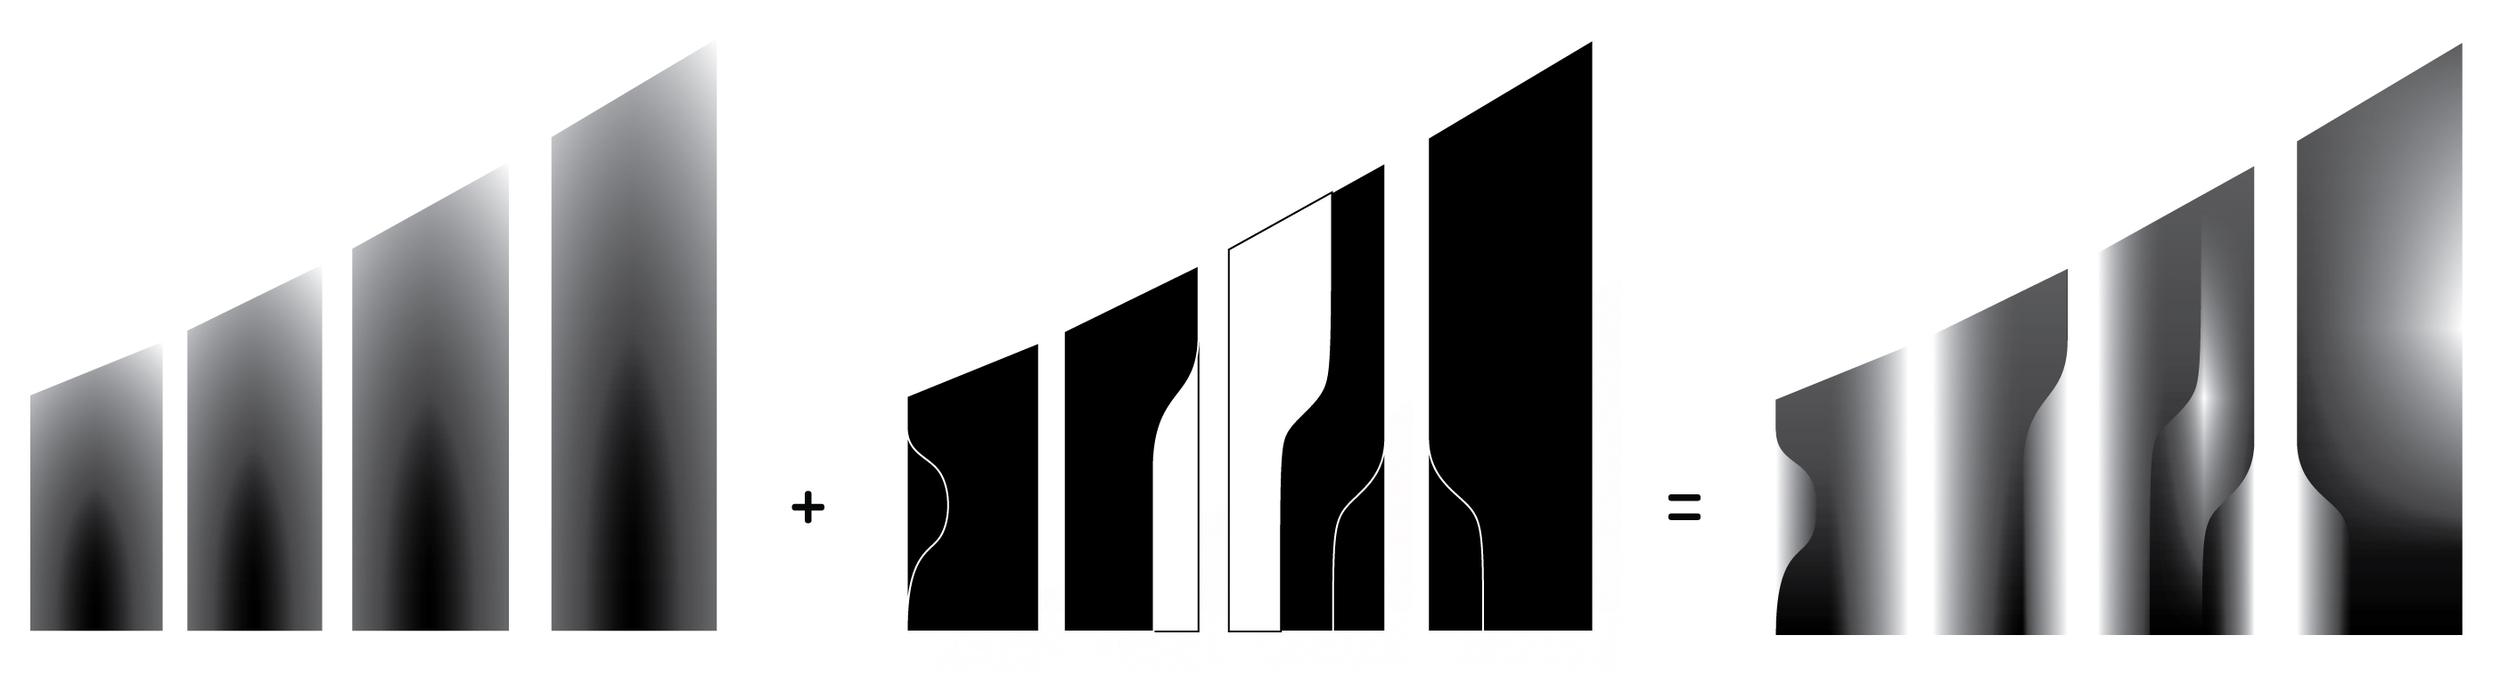 gradients in towers.jpg